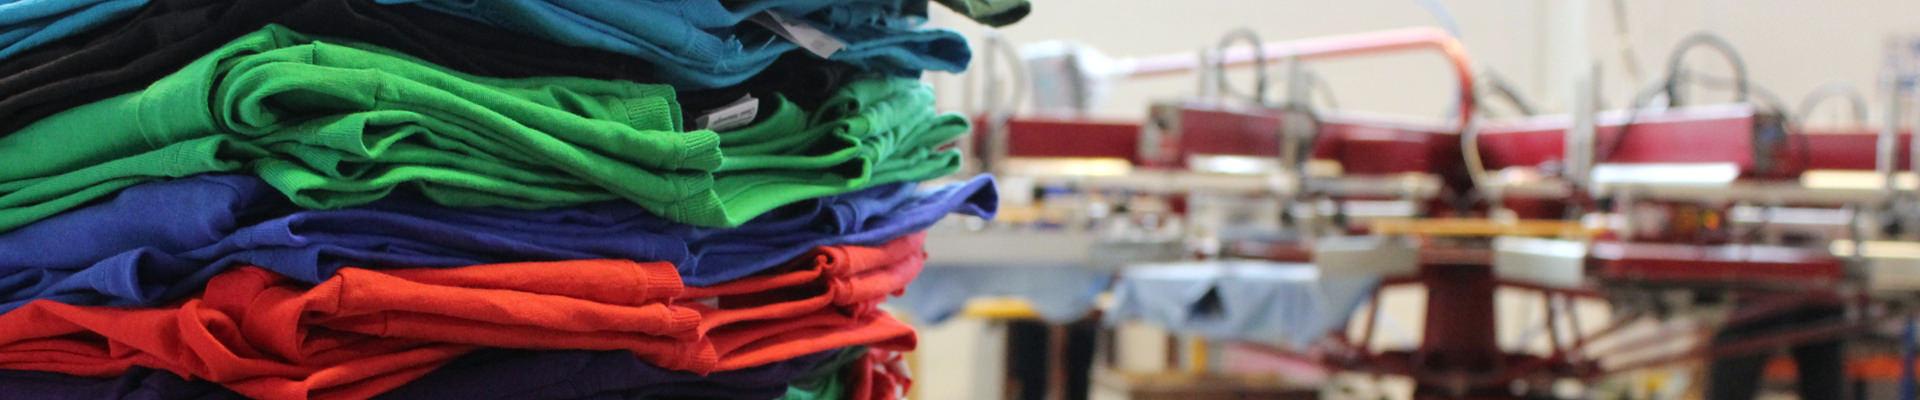 taller de estampación de camisetas-baratas.com